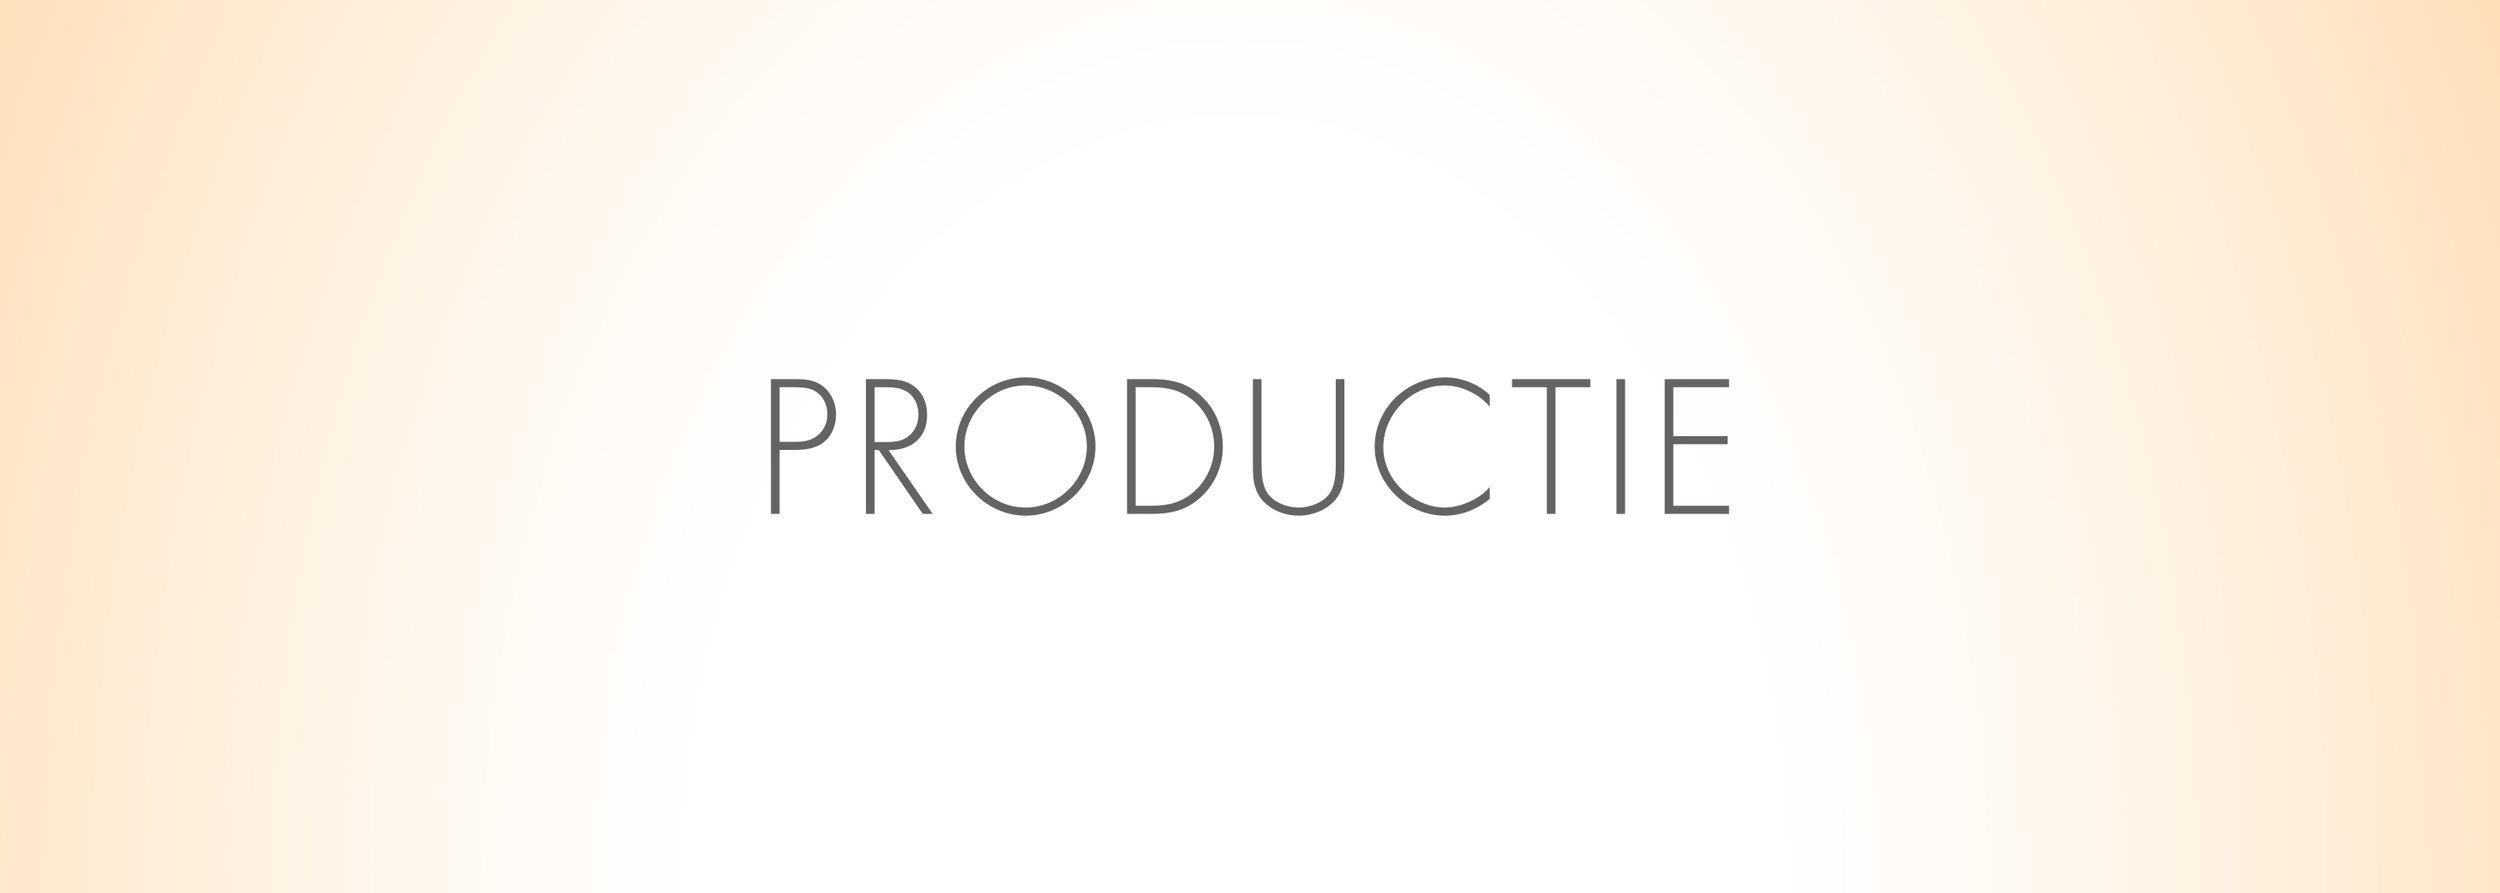 - Wij hebben veel ervaring met de organisatie en begeleiding van het hele productieproces. Wij werken al jaren samen met de beste leveranciers en drukkers en zorgen voor het perfecte eindproduct dankzij onder andere de keuze van het juiste formaat, de best passende papiersoorten en druktechnieken.